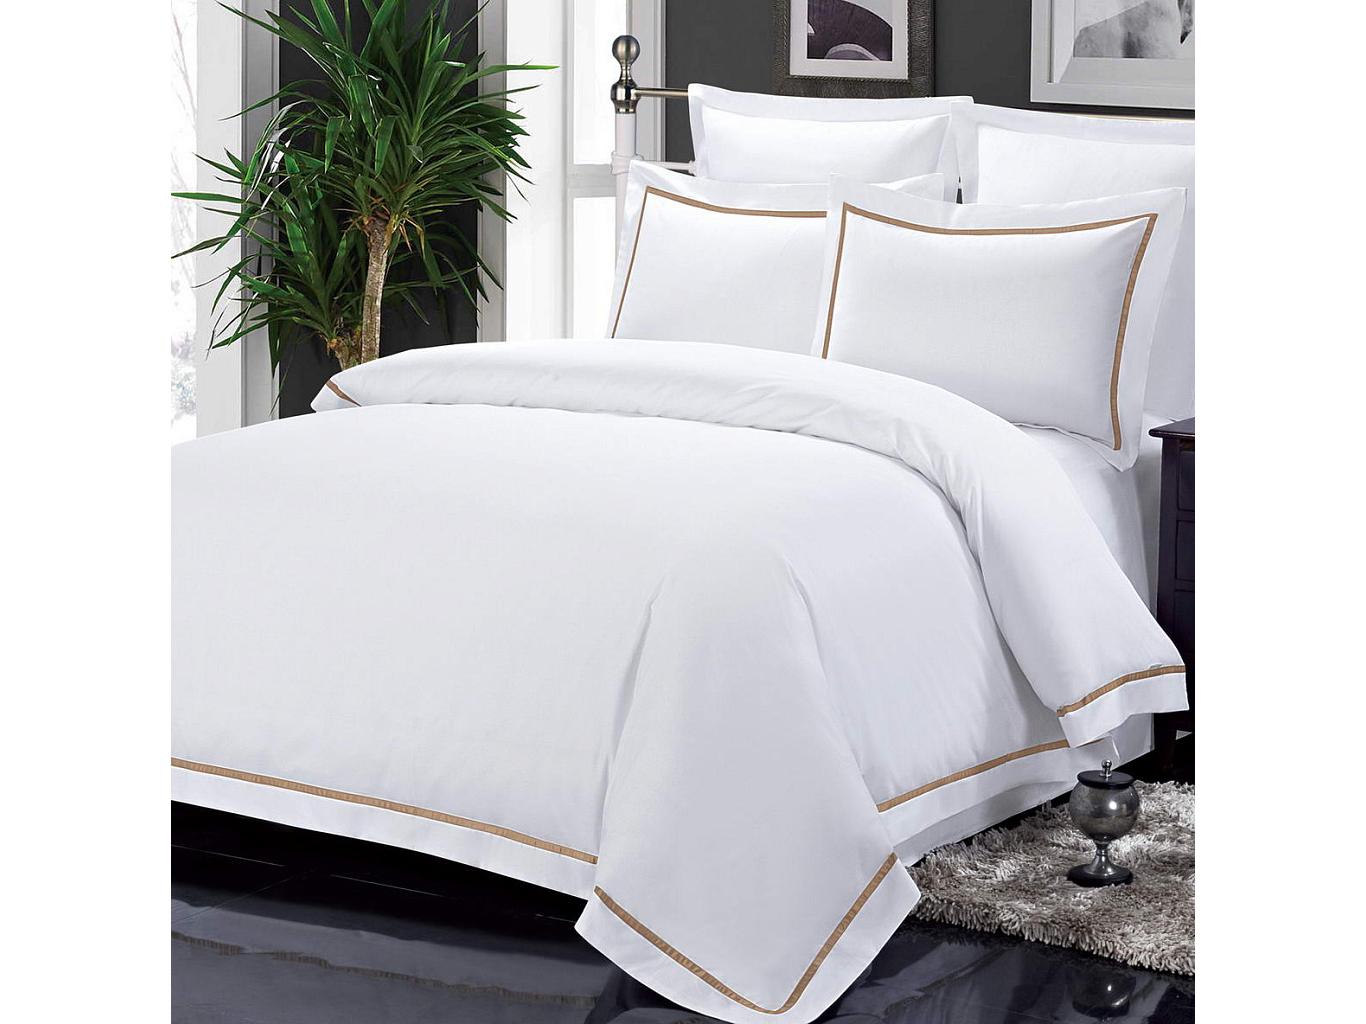 Комплект постельного белья СанремоДвуспальные комплекты постельного белья<br>&amp;lt;div&amp;gt;Великолепный белоснежный комплект из хлопка станет настоящим украшением для Вашей спальни. Наволочки с &amp;quot;ушками&amp;quot; и декоративная тесьма,простроченная по периметру смотрятся необыкновенно стильно. Хлопковая нить сплетается определенным способом, это позволяет получить высокую плотность ткани, не теряя при этом мягкости.&amp;amp;nbsp;&amp;lt;/div&amp;gt;&amp;lt;div&amp;gt;&amp;lt;br&amp;gt;&amp;lt;/div&amp;gt;&amp;lt;div&amp;gt;Комплектация:&amp;lt;/div&amp;gt;&amp;lt;div&amp;gt;Пододеяльник: 200х220 см (1)&amp;lt;/div&amp;gt;&amp;lt;div&amp;gt;Простынь: 230х250 см (1)&amp;lt;/div&amp;gt;&amp;lt;div&amp;gt;Наволочки: 50х70 см (2)&amp;lt;/div&amp;gt;&amp;lt;div&amp;gt;Наволочки: 70х70 см (2)&amp;amp;nbsp;&amp;lt;/div&amp;gt;&amp;lt;div&amp;gt;Состав: 100% хлопок&amp;lt;/div&amp;gt;<br><br>Material: Хлопок<br>Ширина см: 230.0<br>Глубина см: 250.0